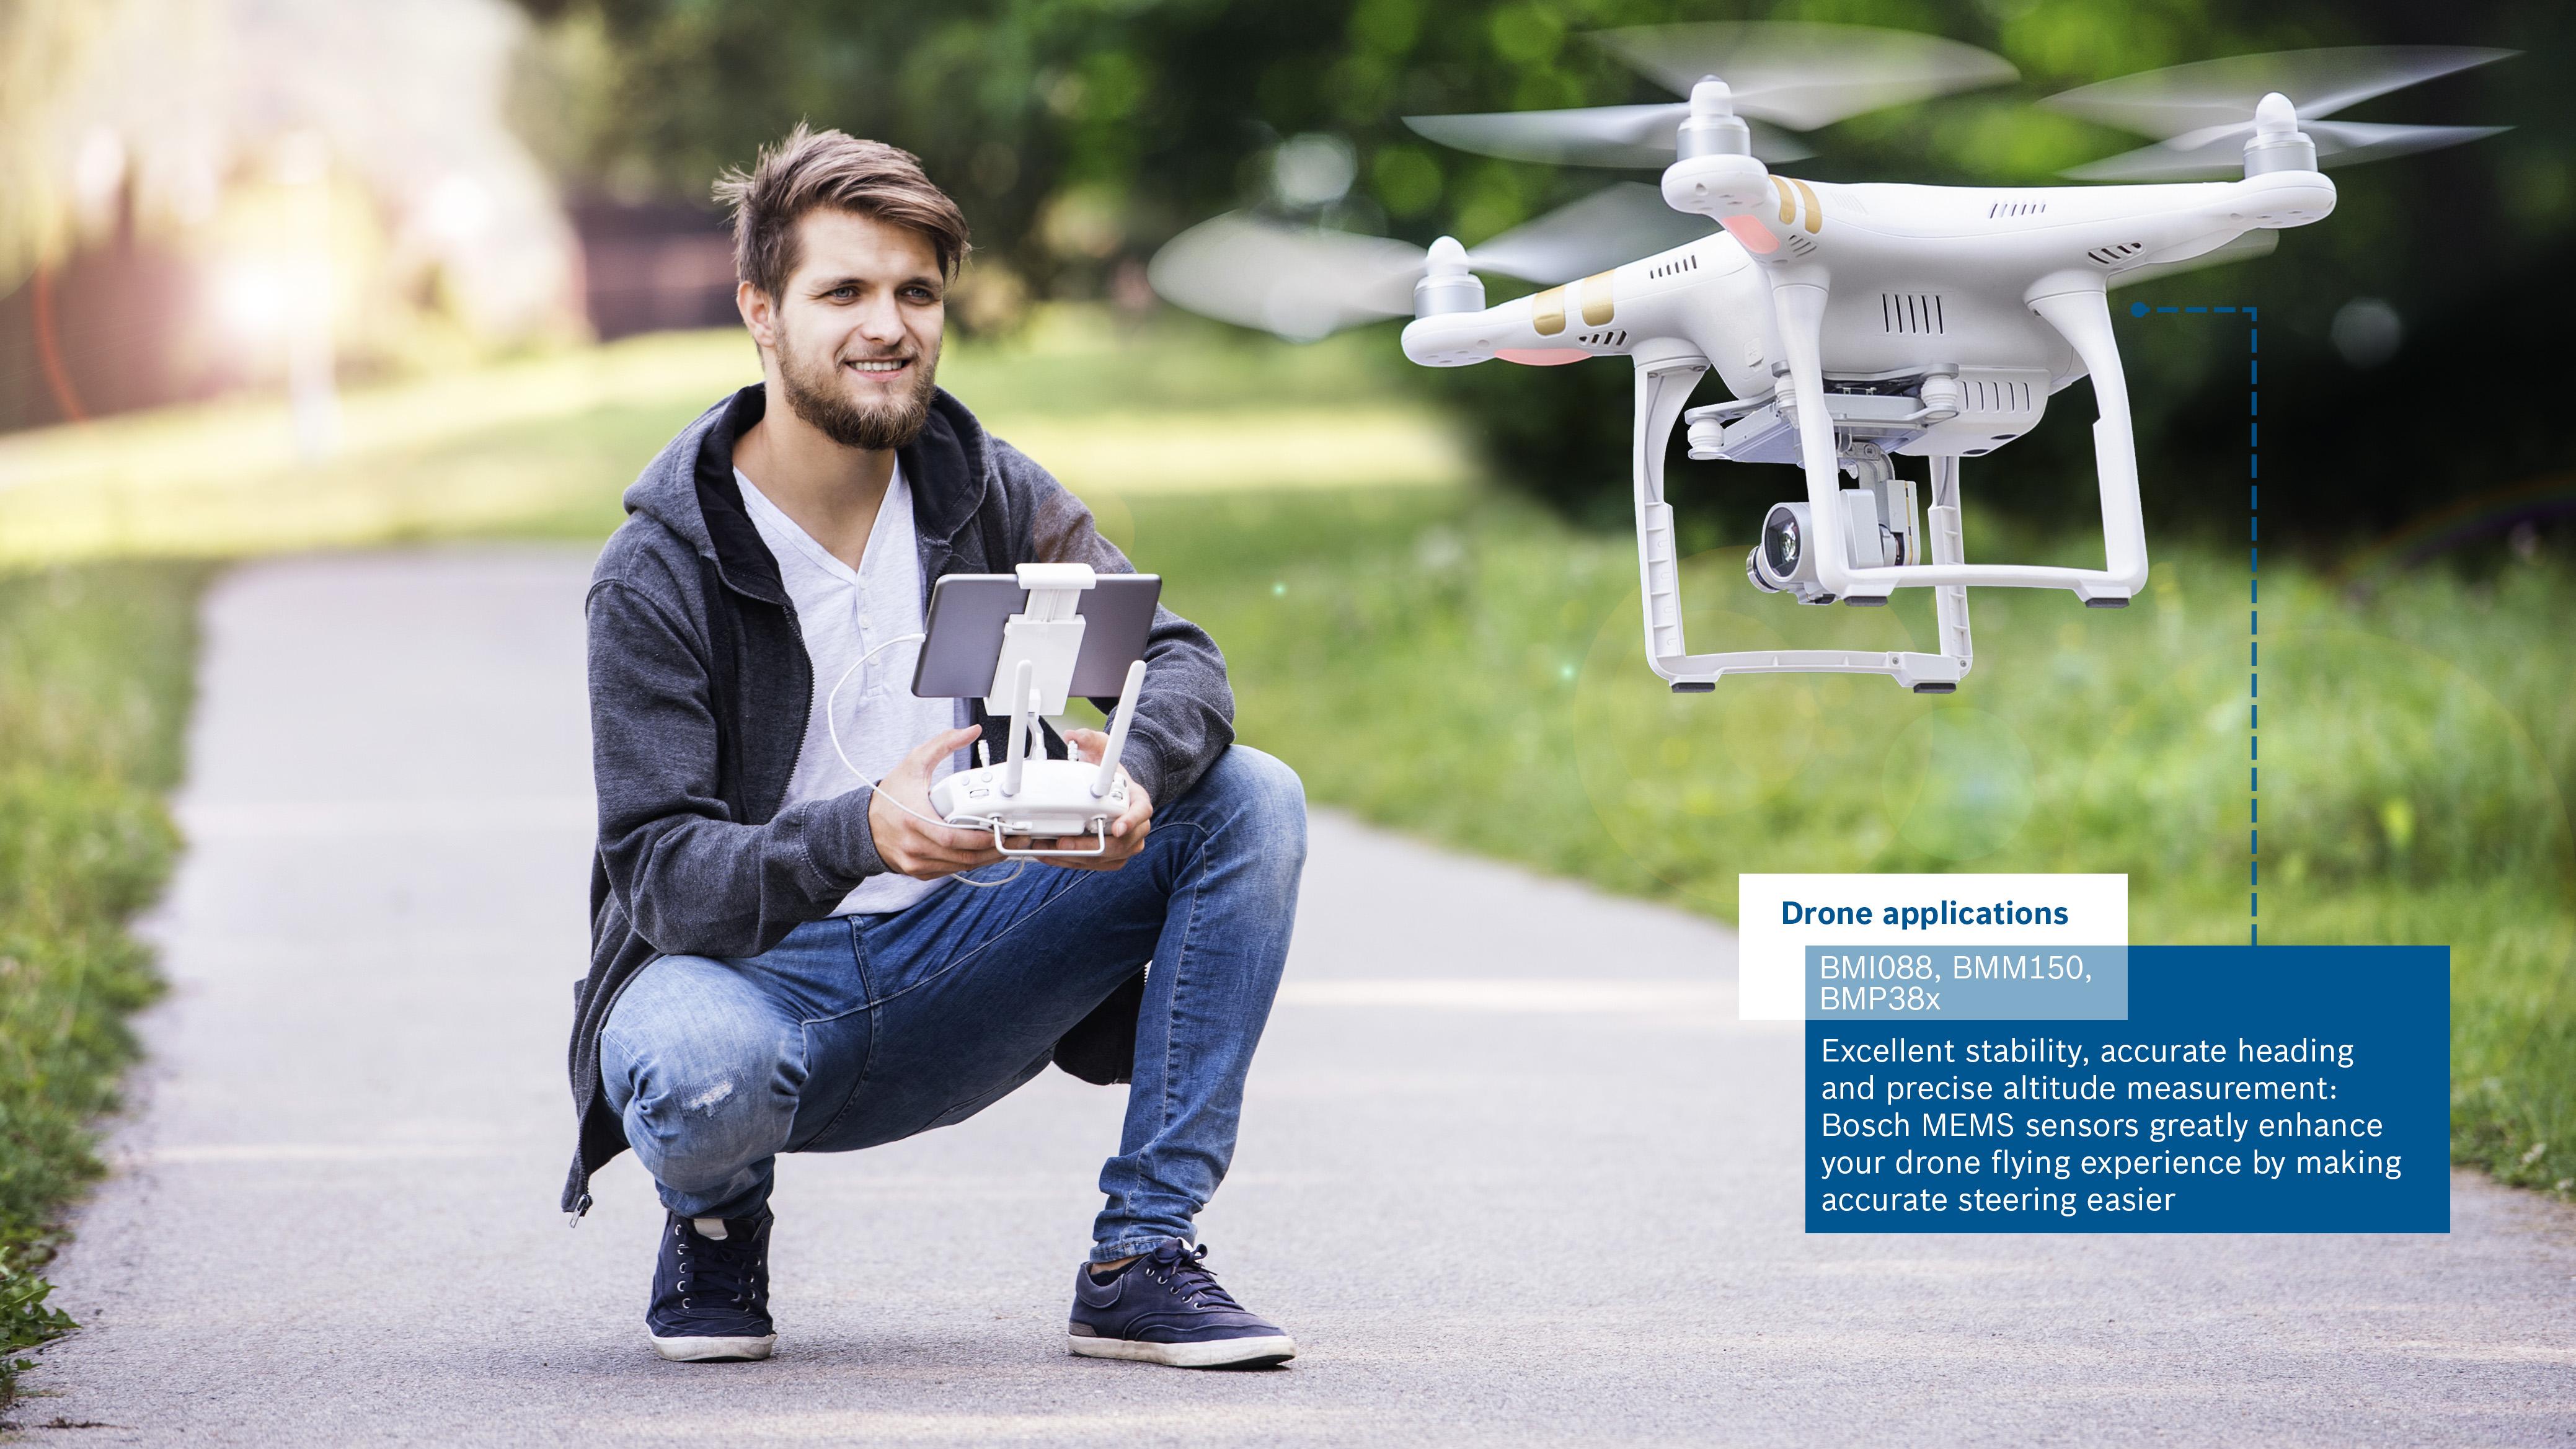 MEMS senzor BMI088 výrazne vylepšuje letové schopnosti dronov